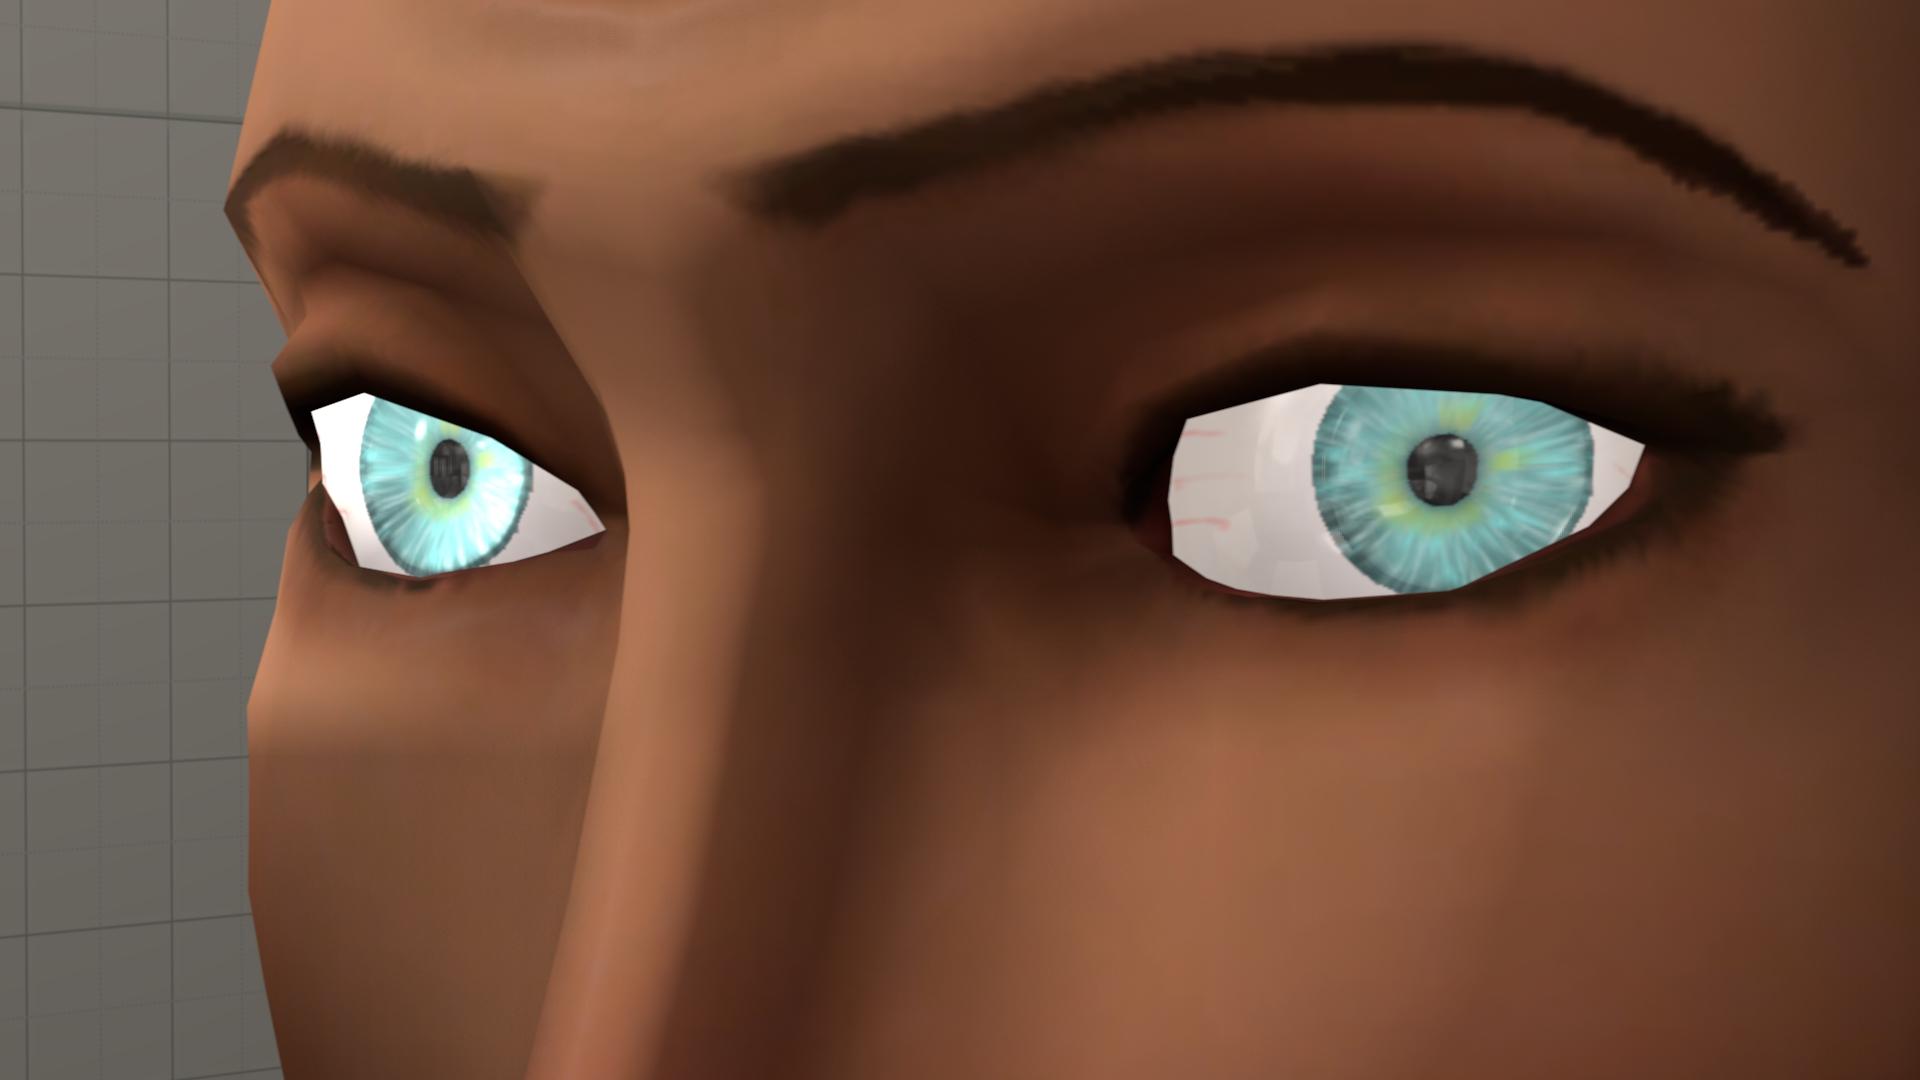 New Eye texture by Nikolad92